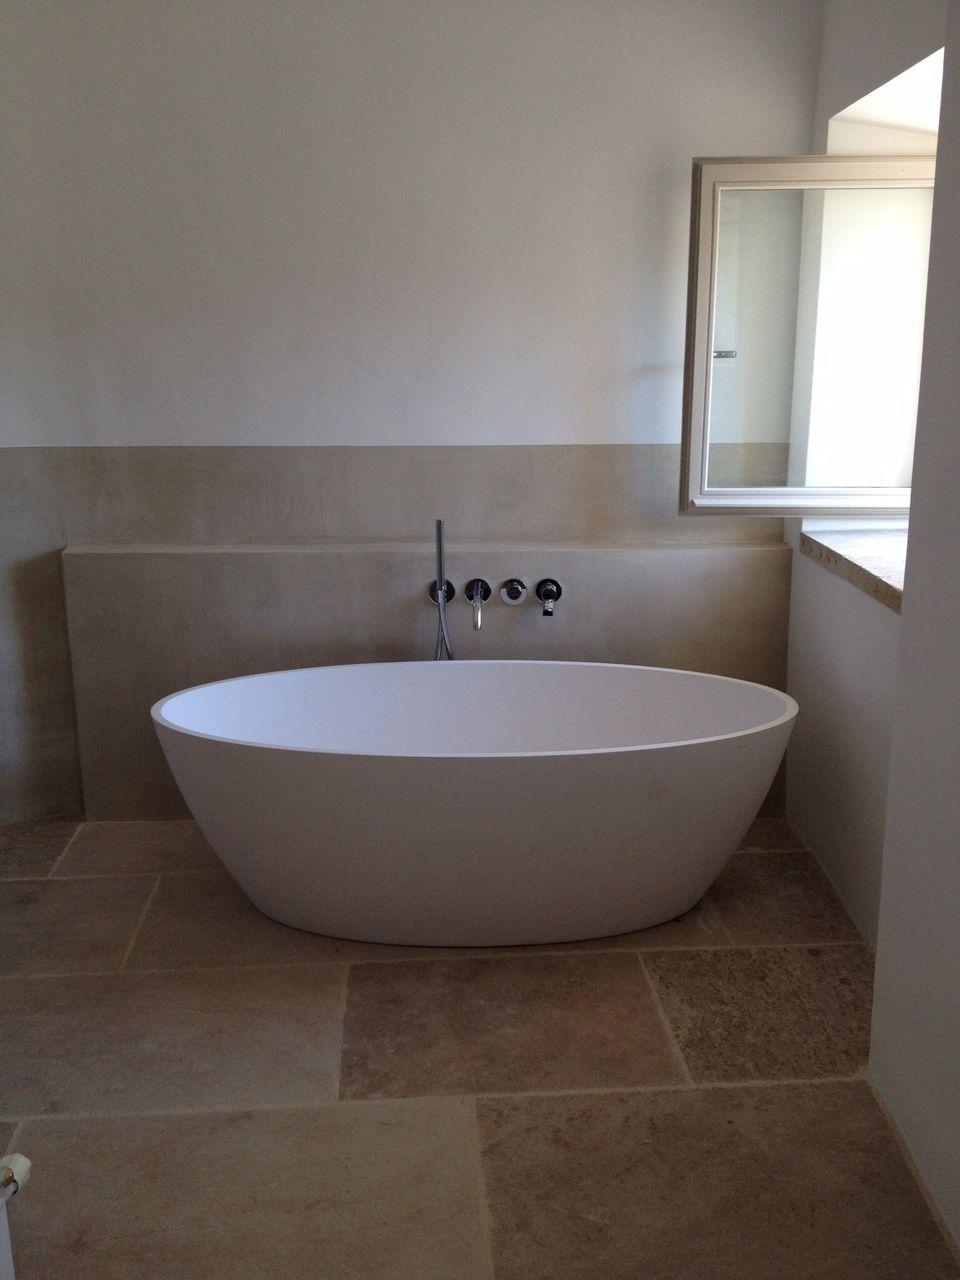 baignoire install e par vdo vielles demeures d 39 occitanie entreprise r novation situ e dans le. Black Bedroom Furniture Sets. Home Design Ideas